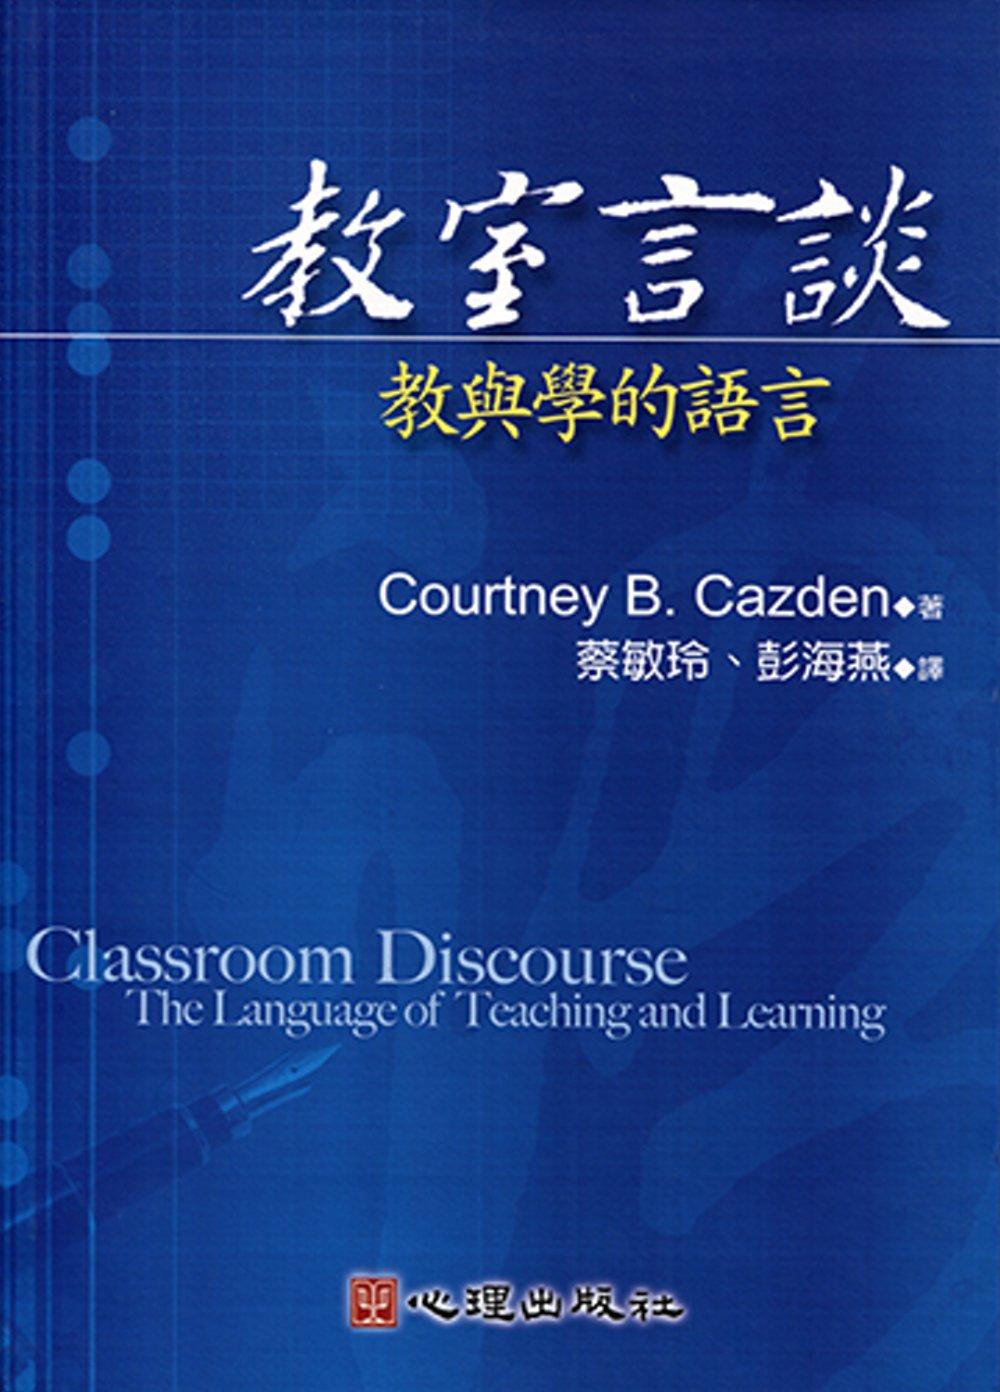 教室言談:教與學的語言